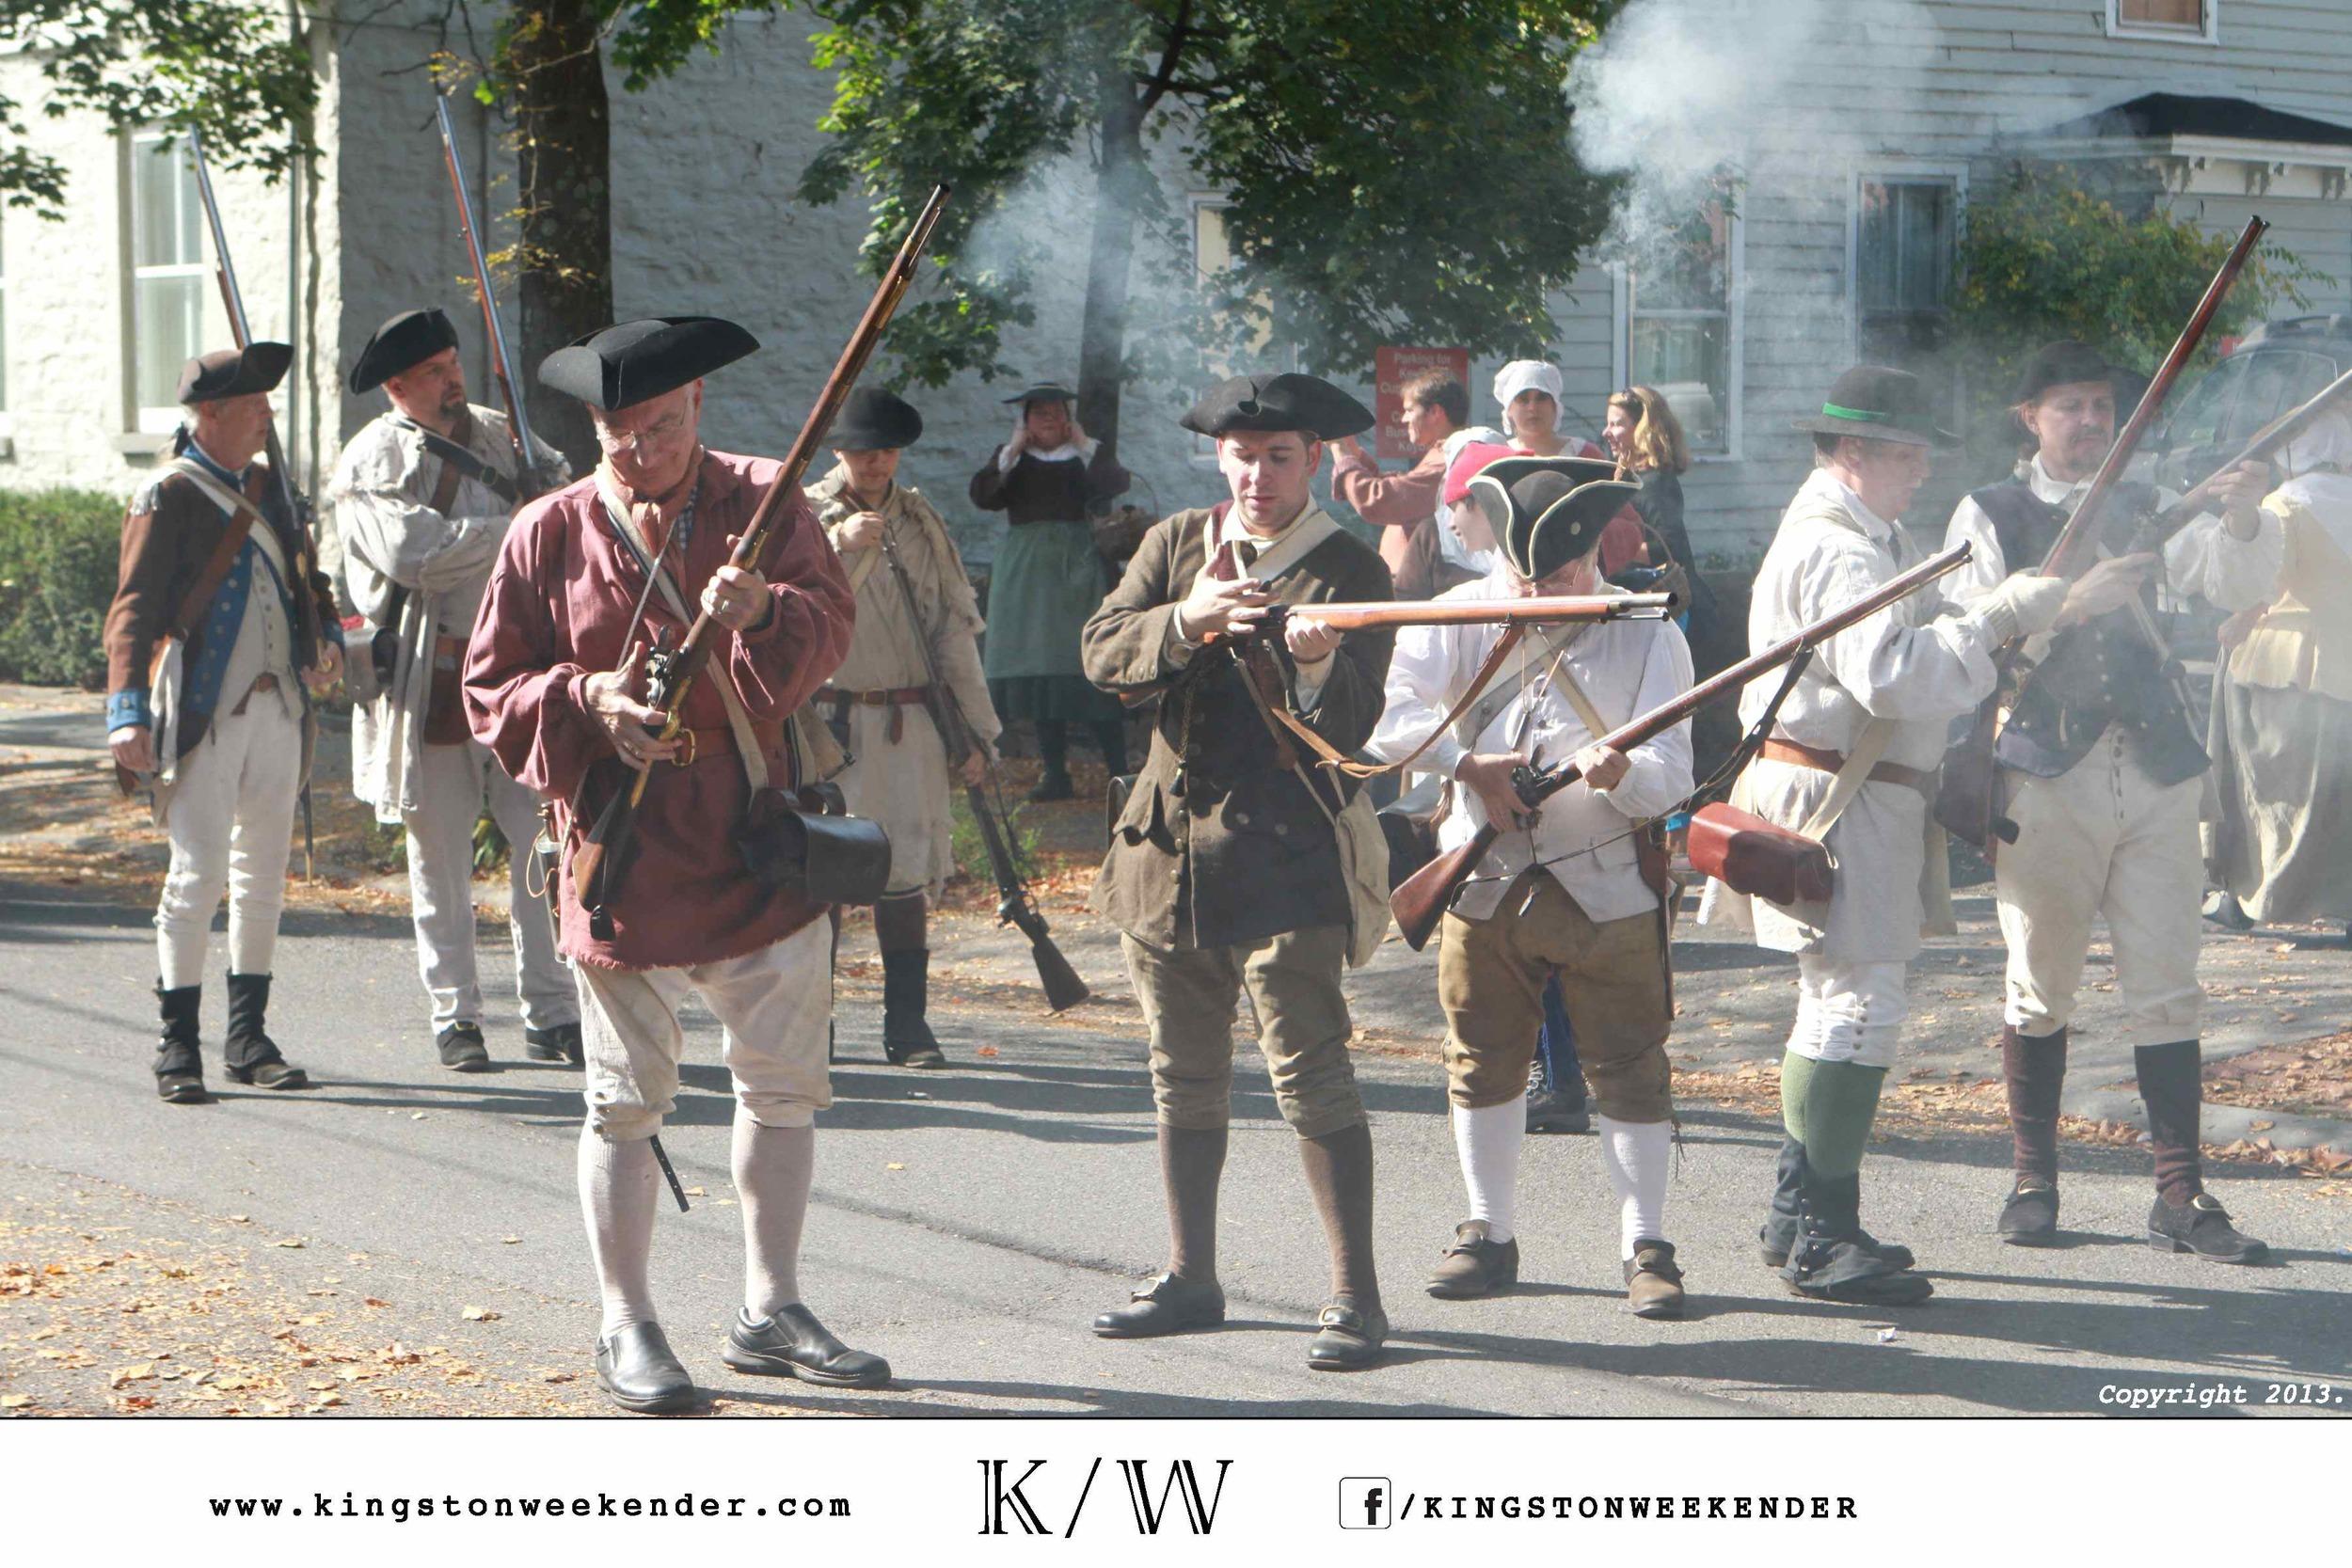 kingston-weekender-photo-credits35.jpg